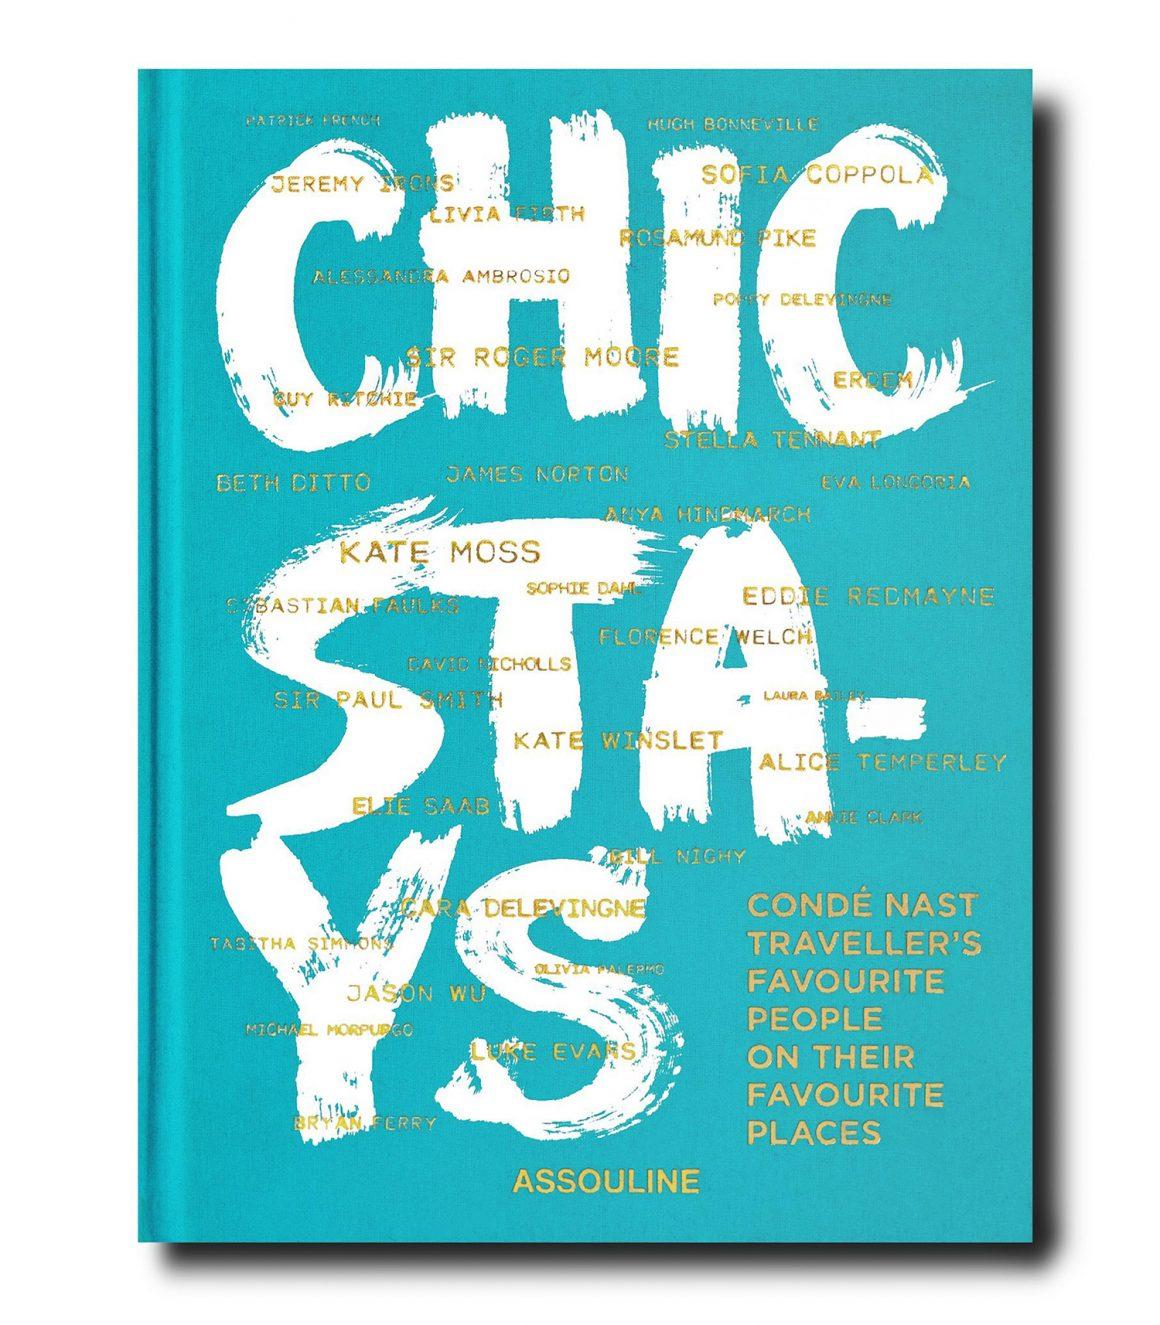 Le livre « Chic Stays » en collaboration avec Condé Nast Traveller